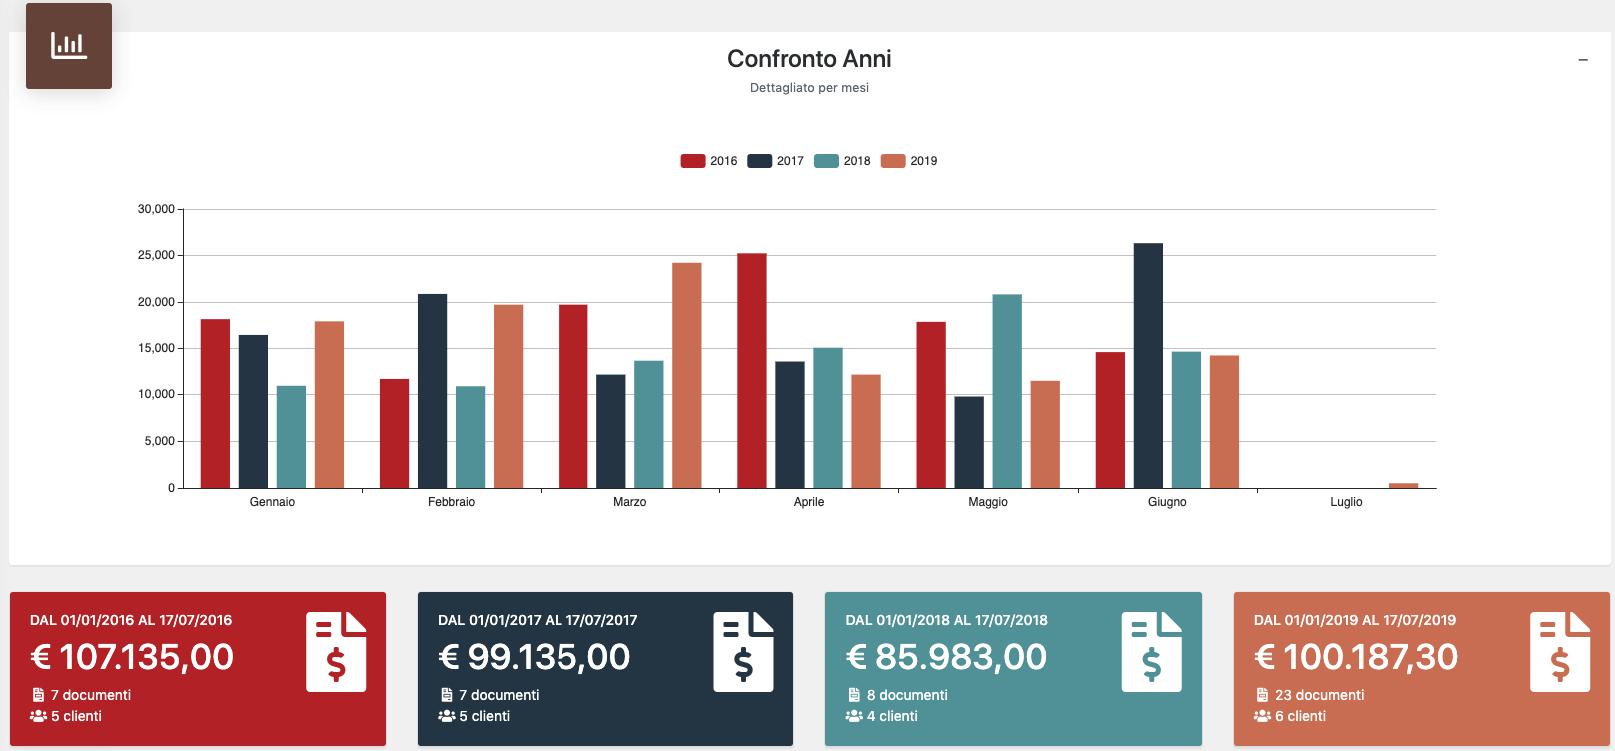 confronto_anni_web_report